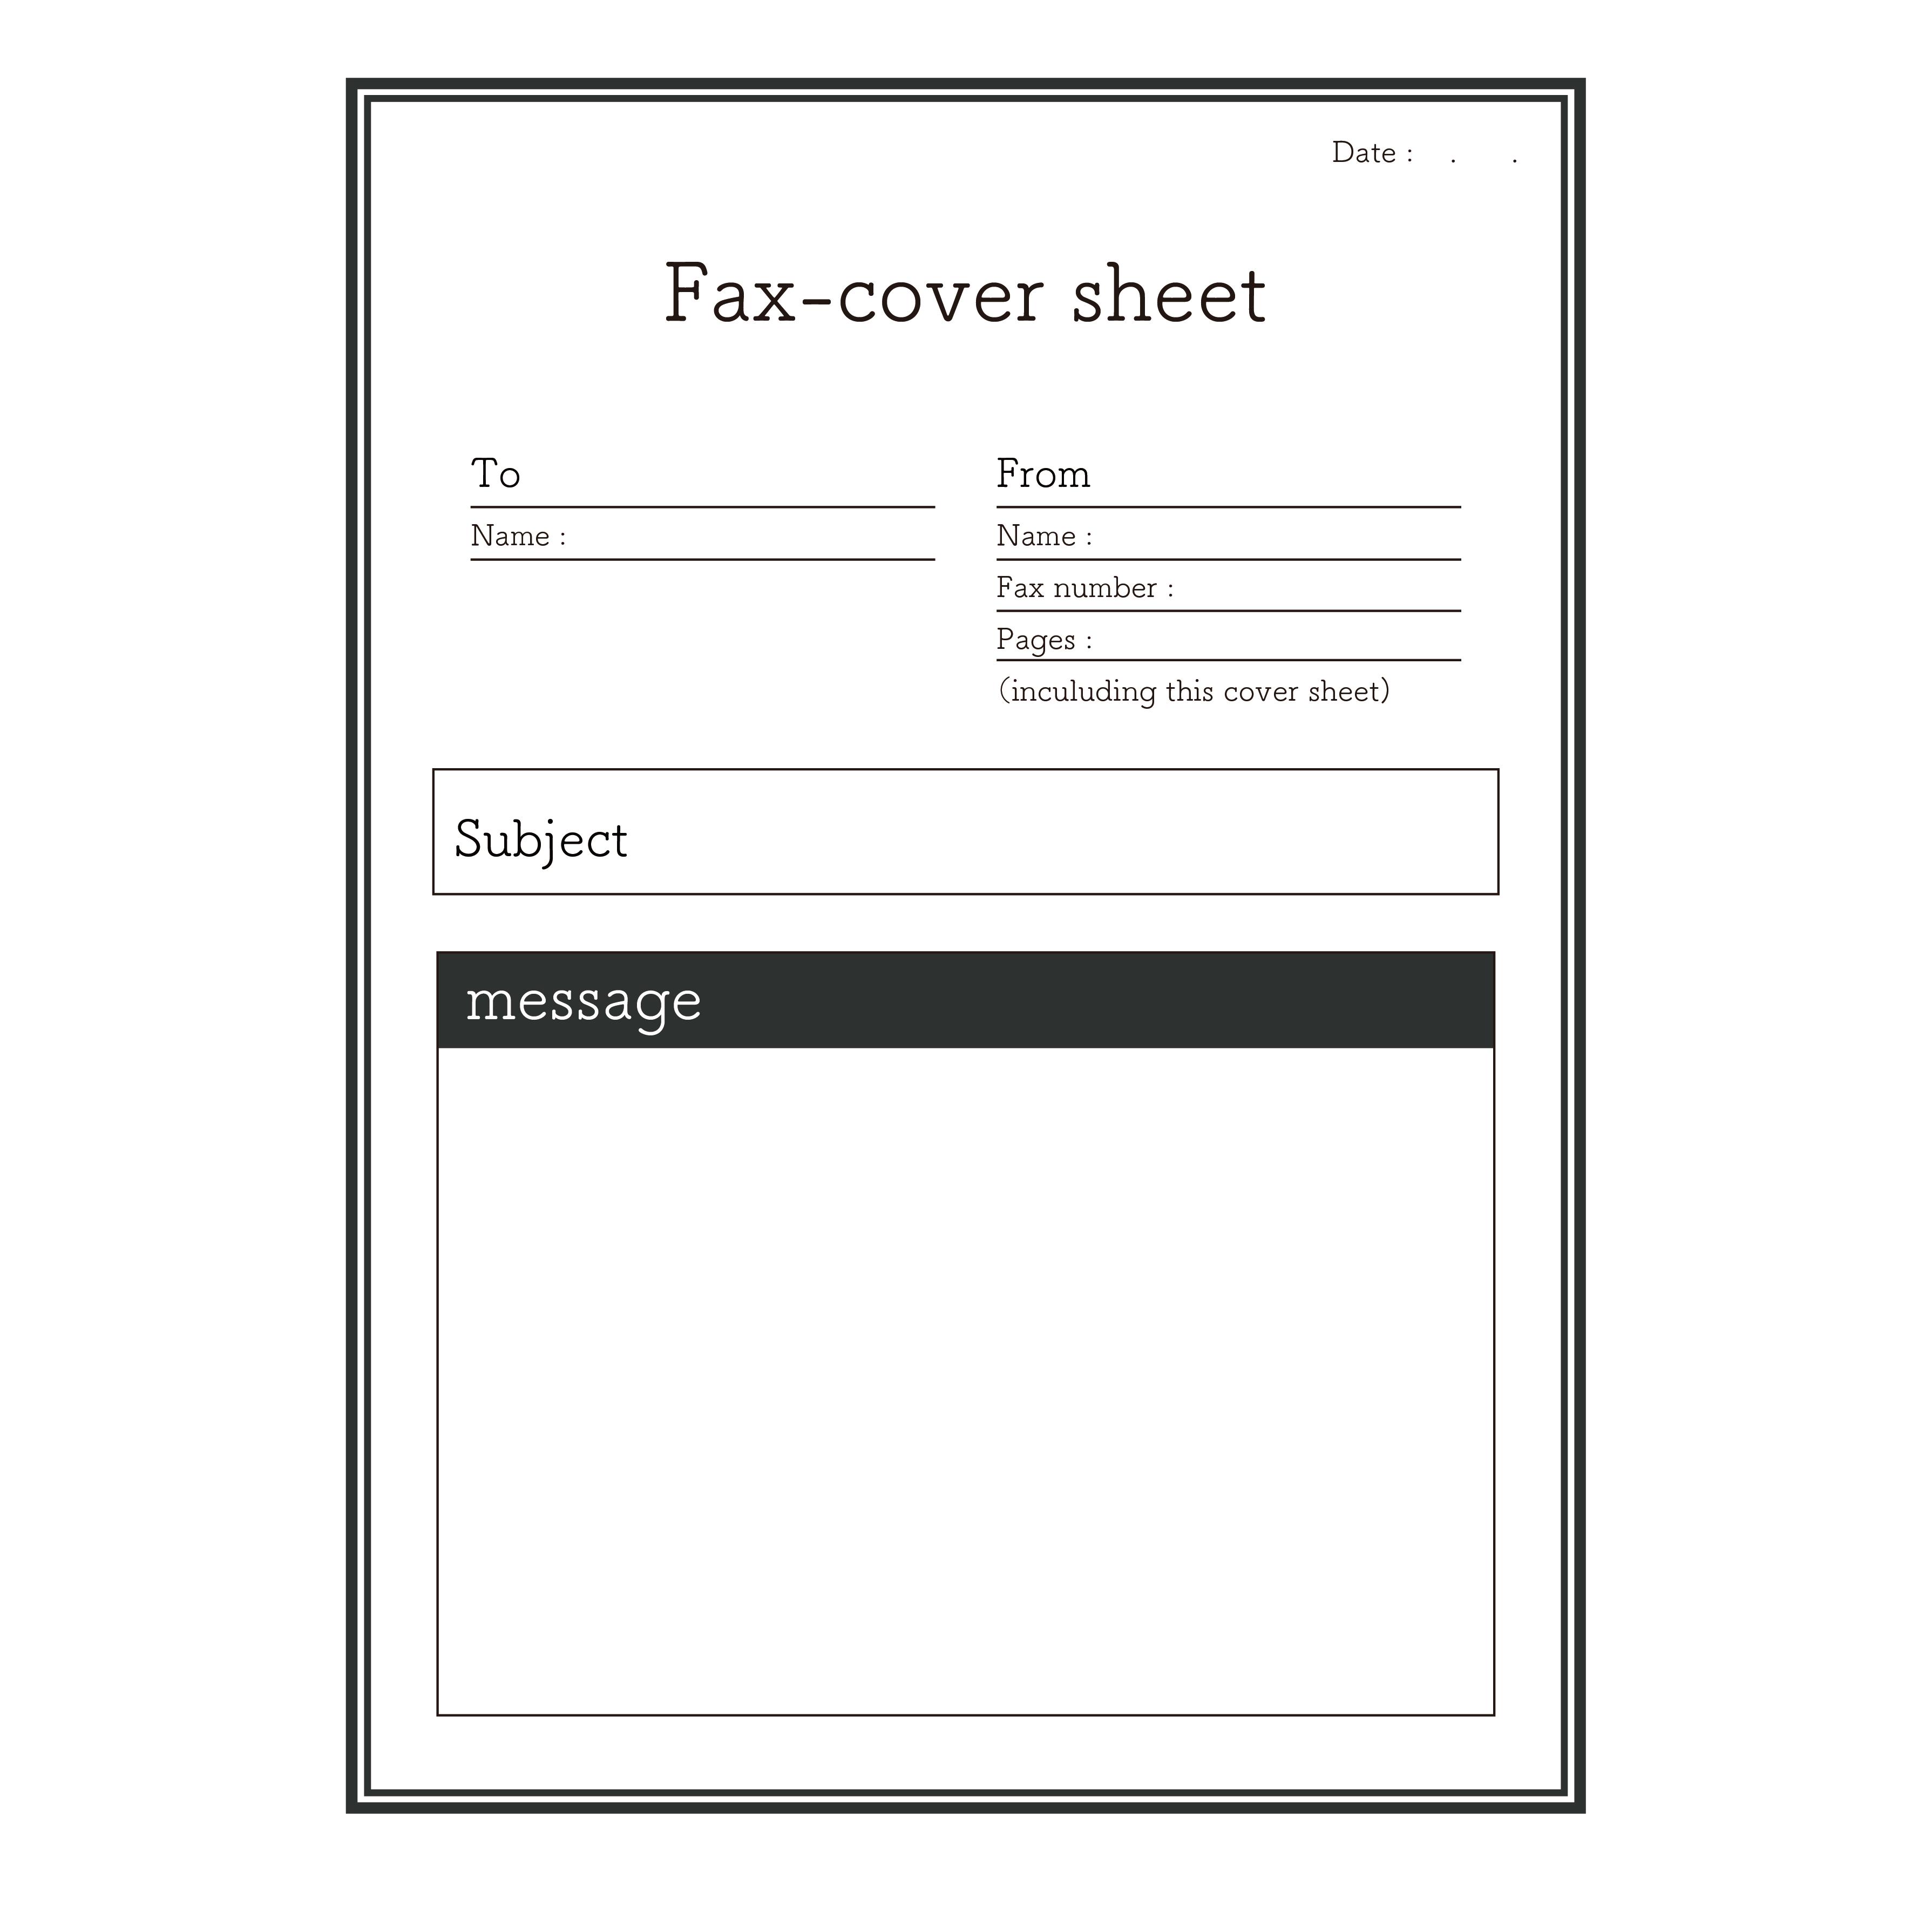 Fax(ファックス)送付状 イラスト!おしゃれな英語バージョン! 商用フリー 無料 のイラスト素材なら「イラスト